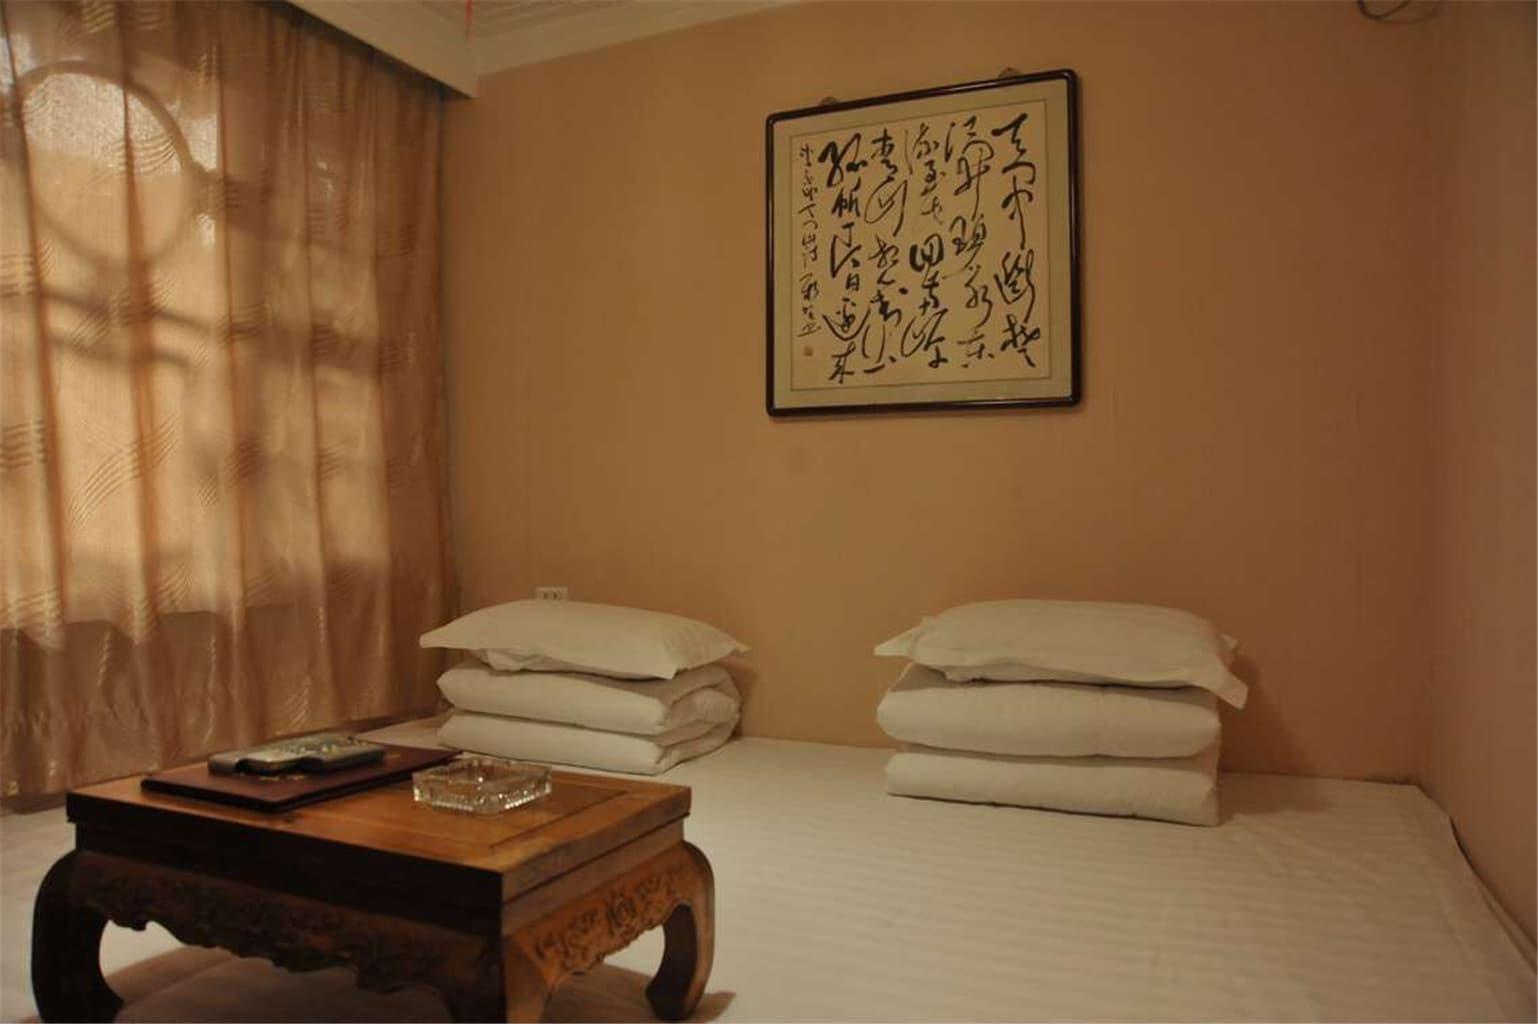 背景墙 房间 家居 起居室 设计 卧室 卧室装修 现代 装修 1538_1024